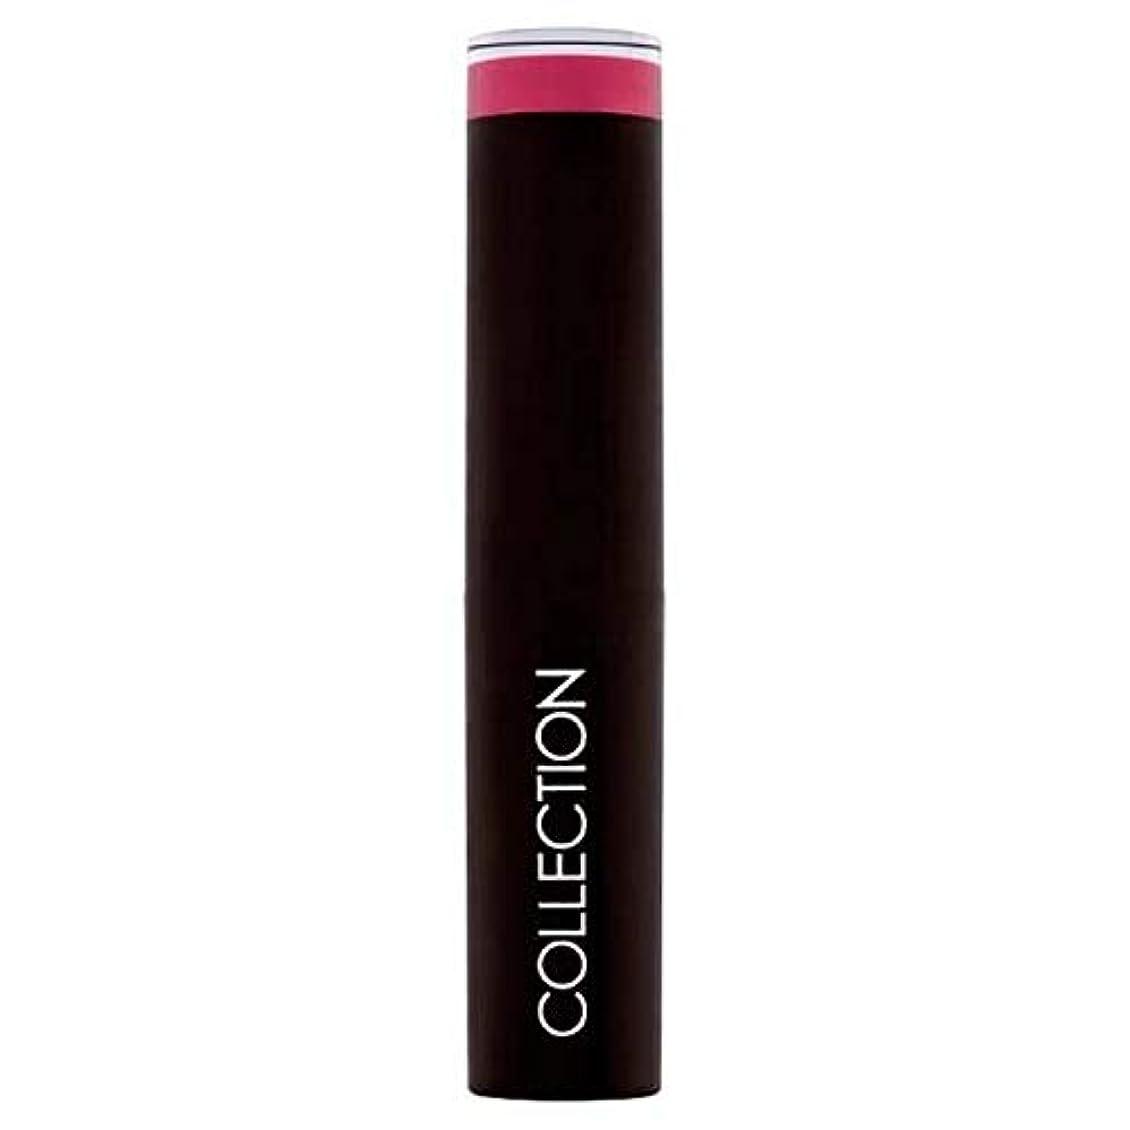 人に関する限りタールおとなしい[Collection ] コレクション強烈な輝きゲル口紅桑バースト4 - Collection Intense Shine Gel Lipstick Mulberry Burst 4 [並行輸入品]